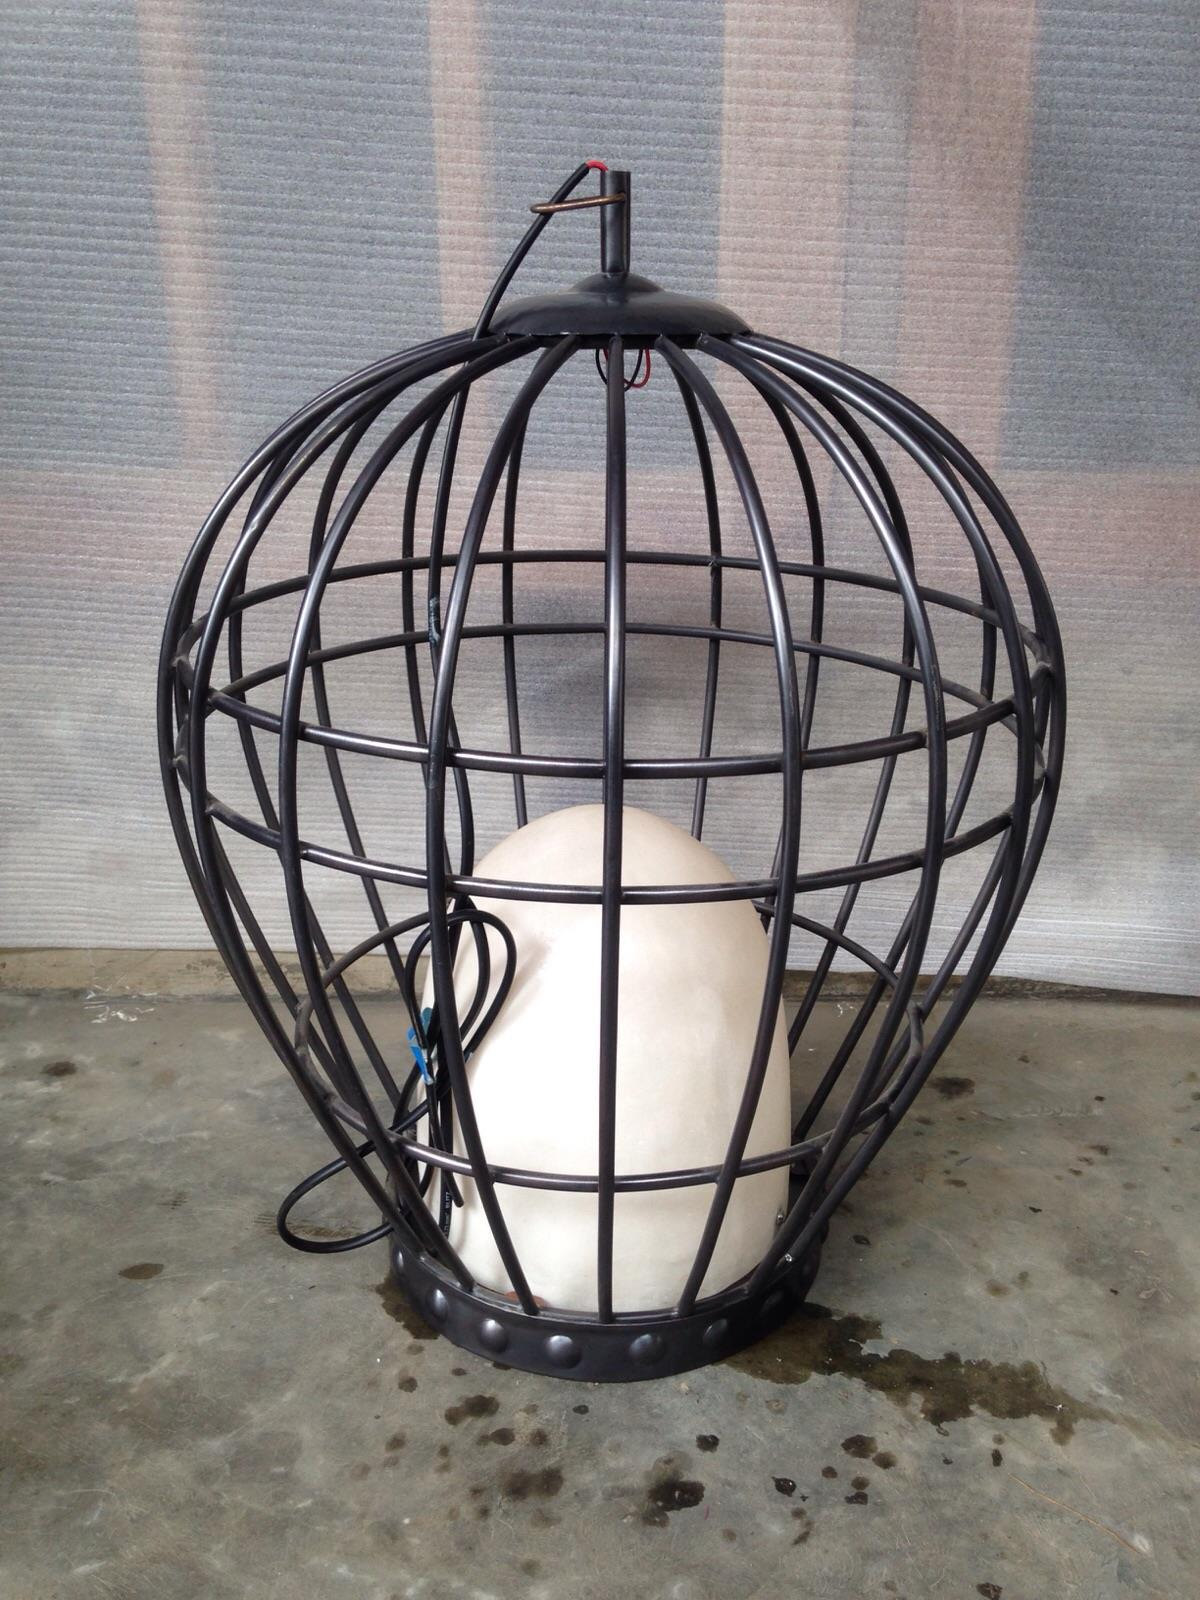 Jual Kerajinan Lampu Gantung Pipa Tembaga Model Sangkar